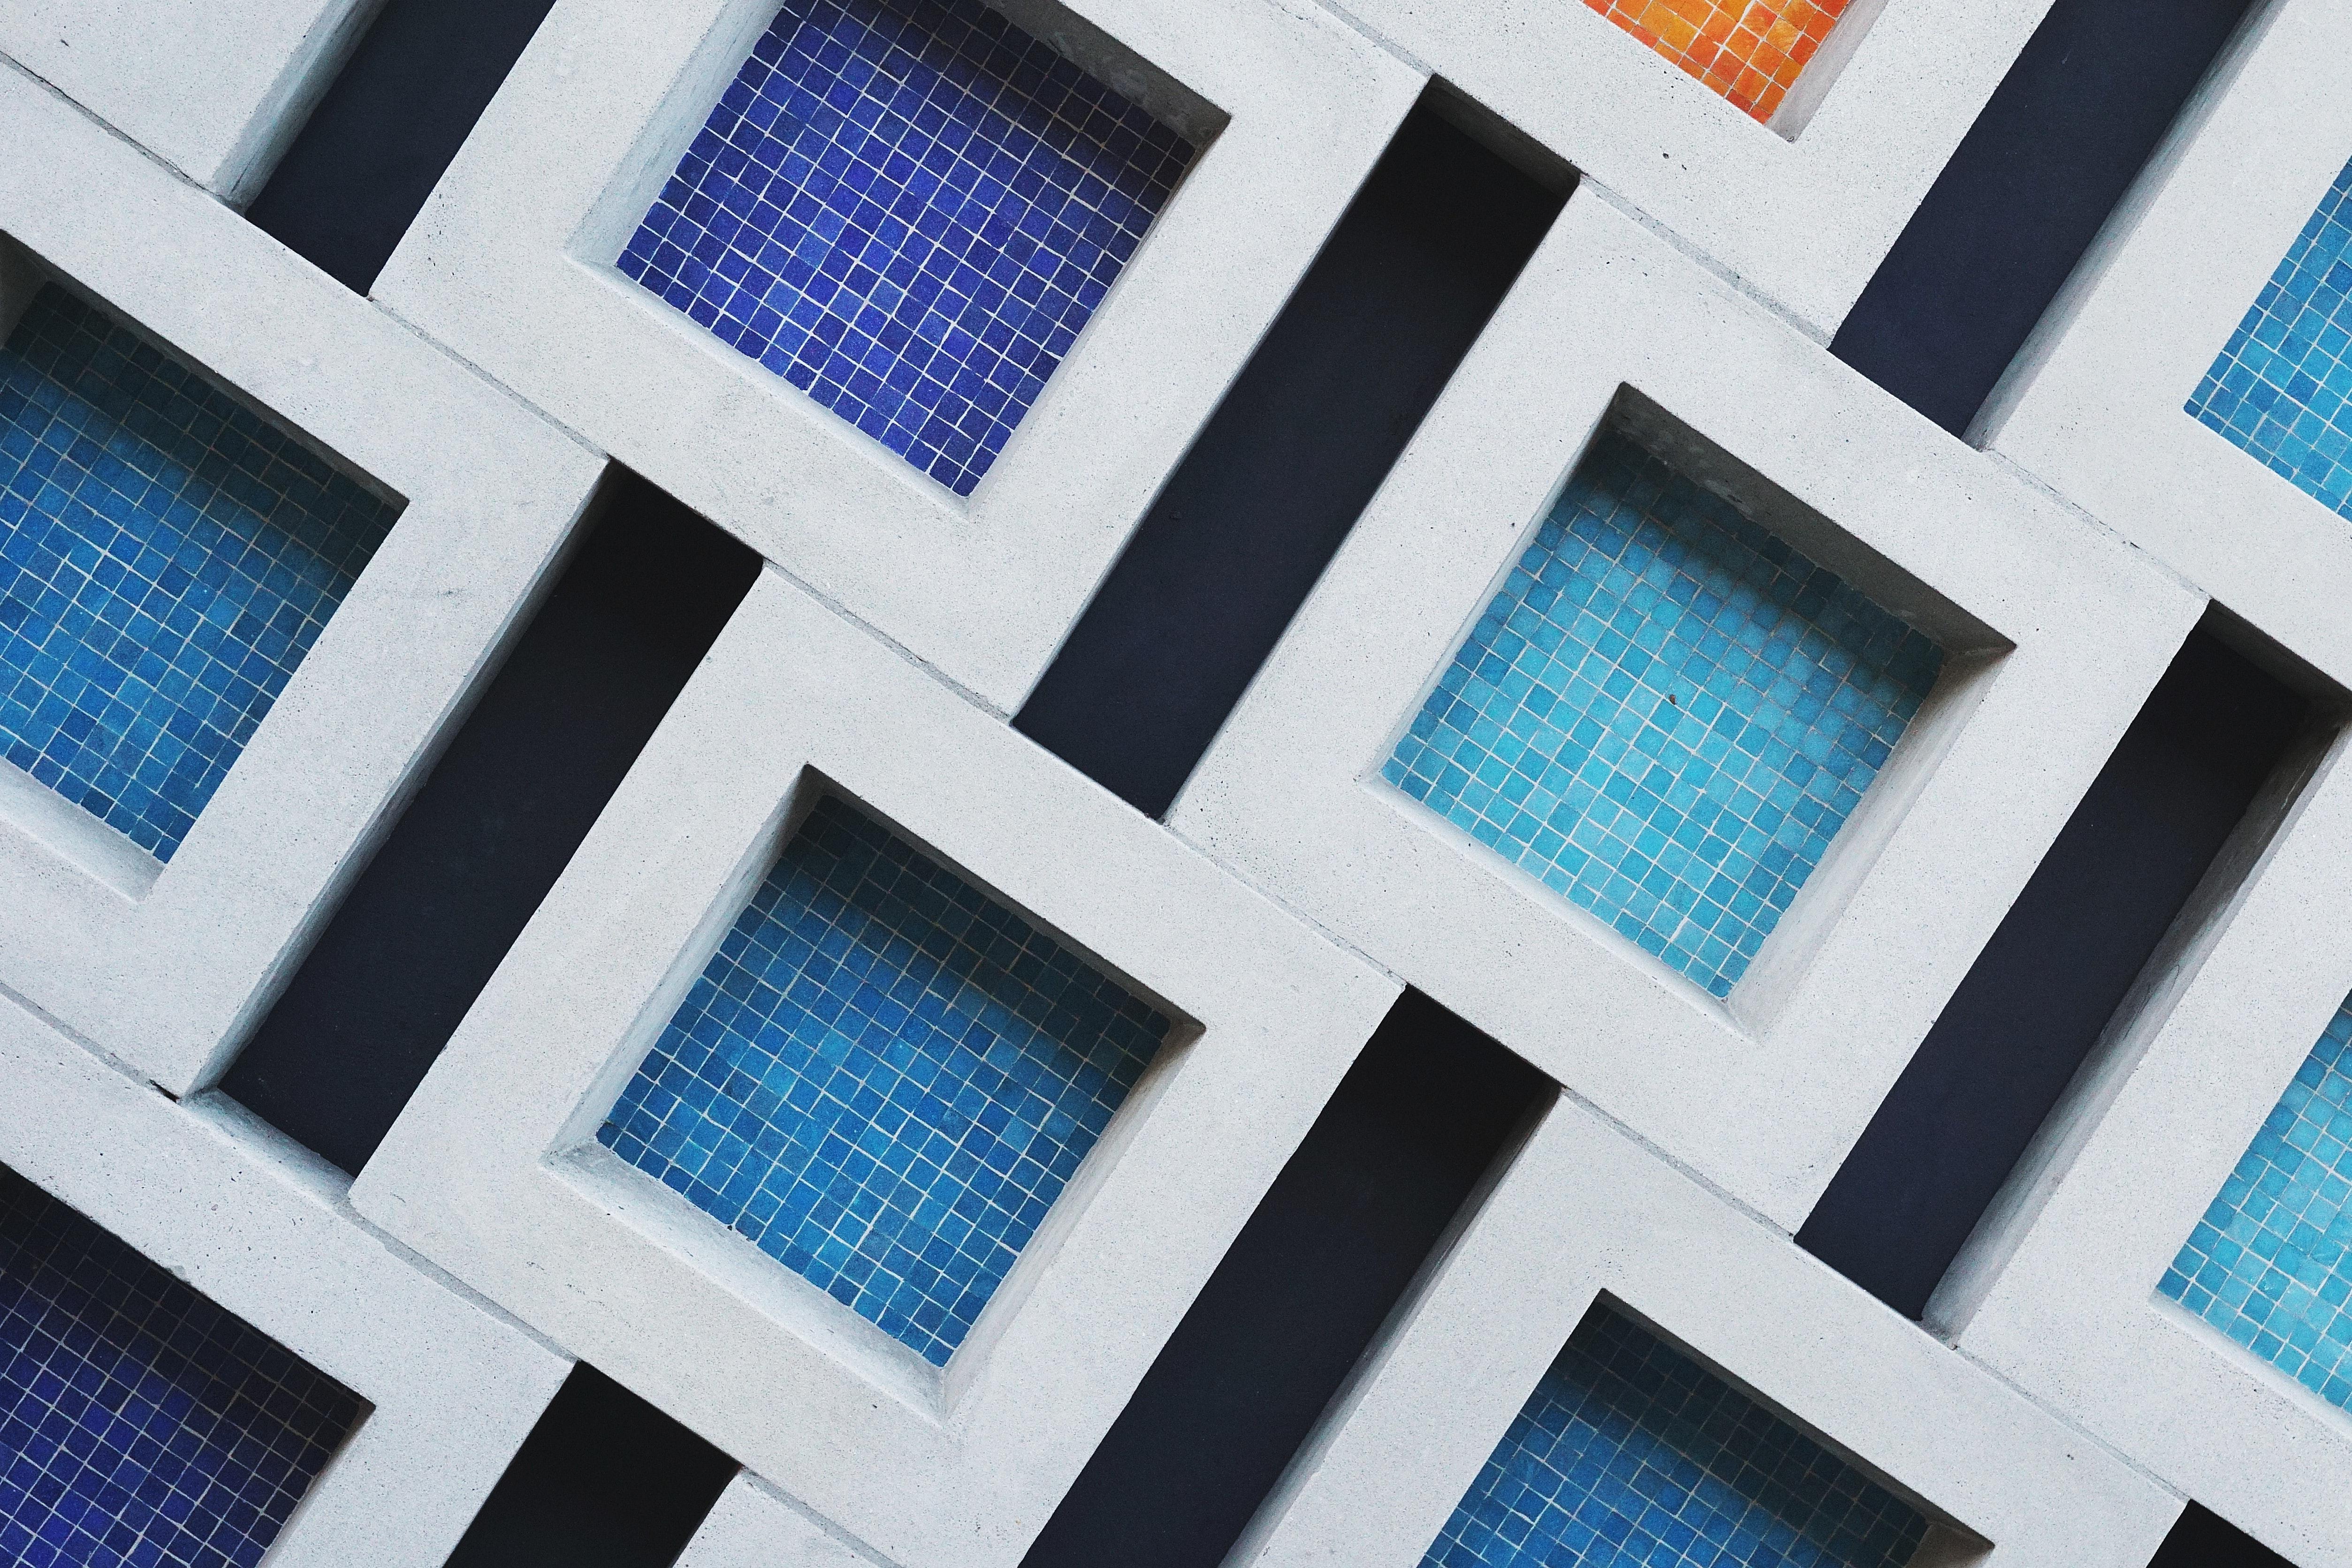 aesthetic wallpaper kotak kotak hitam putih